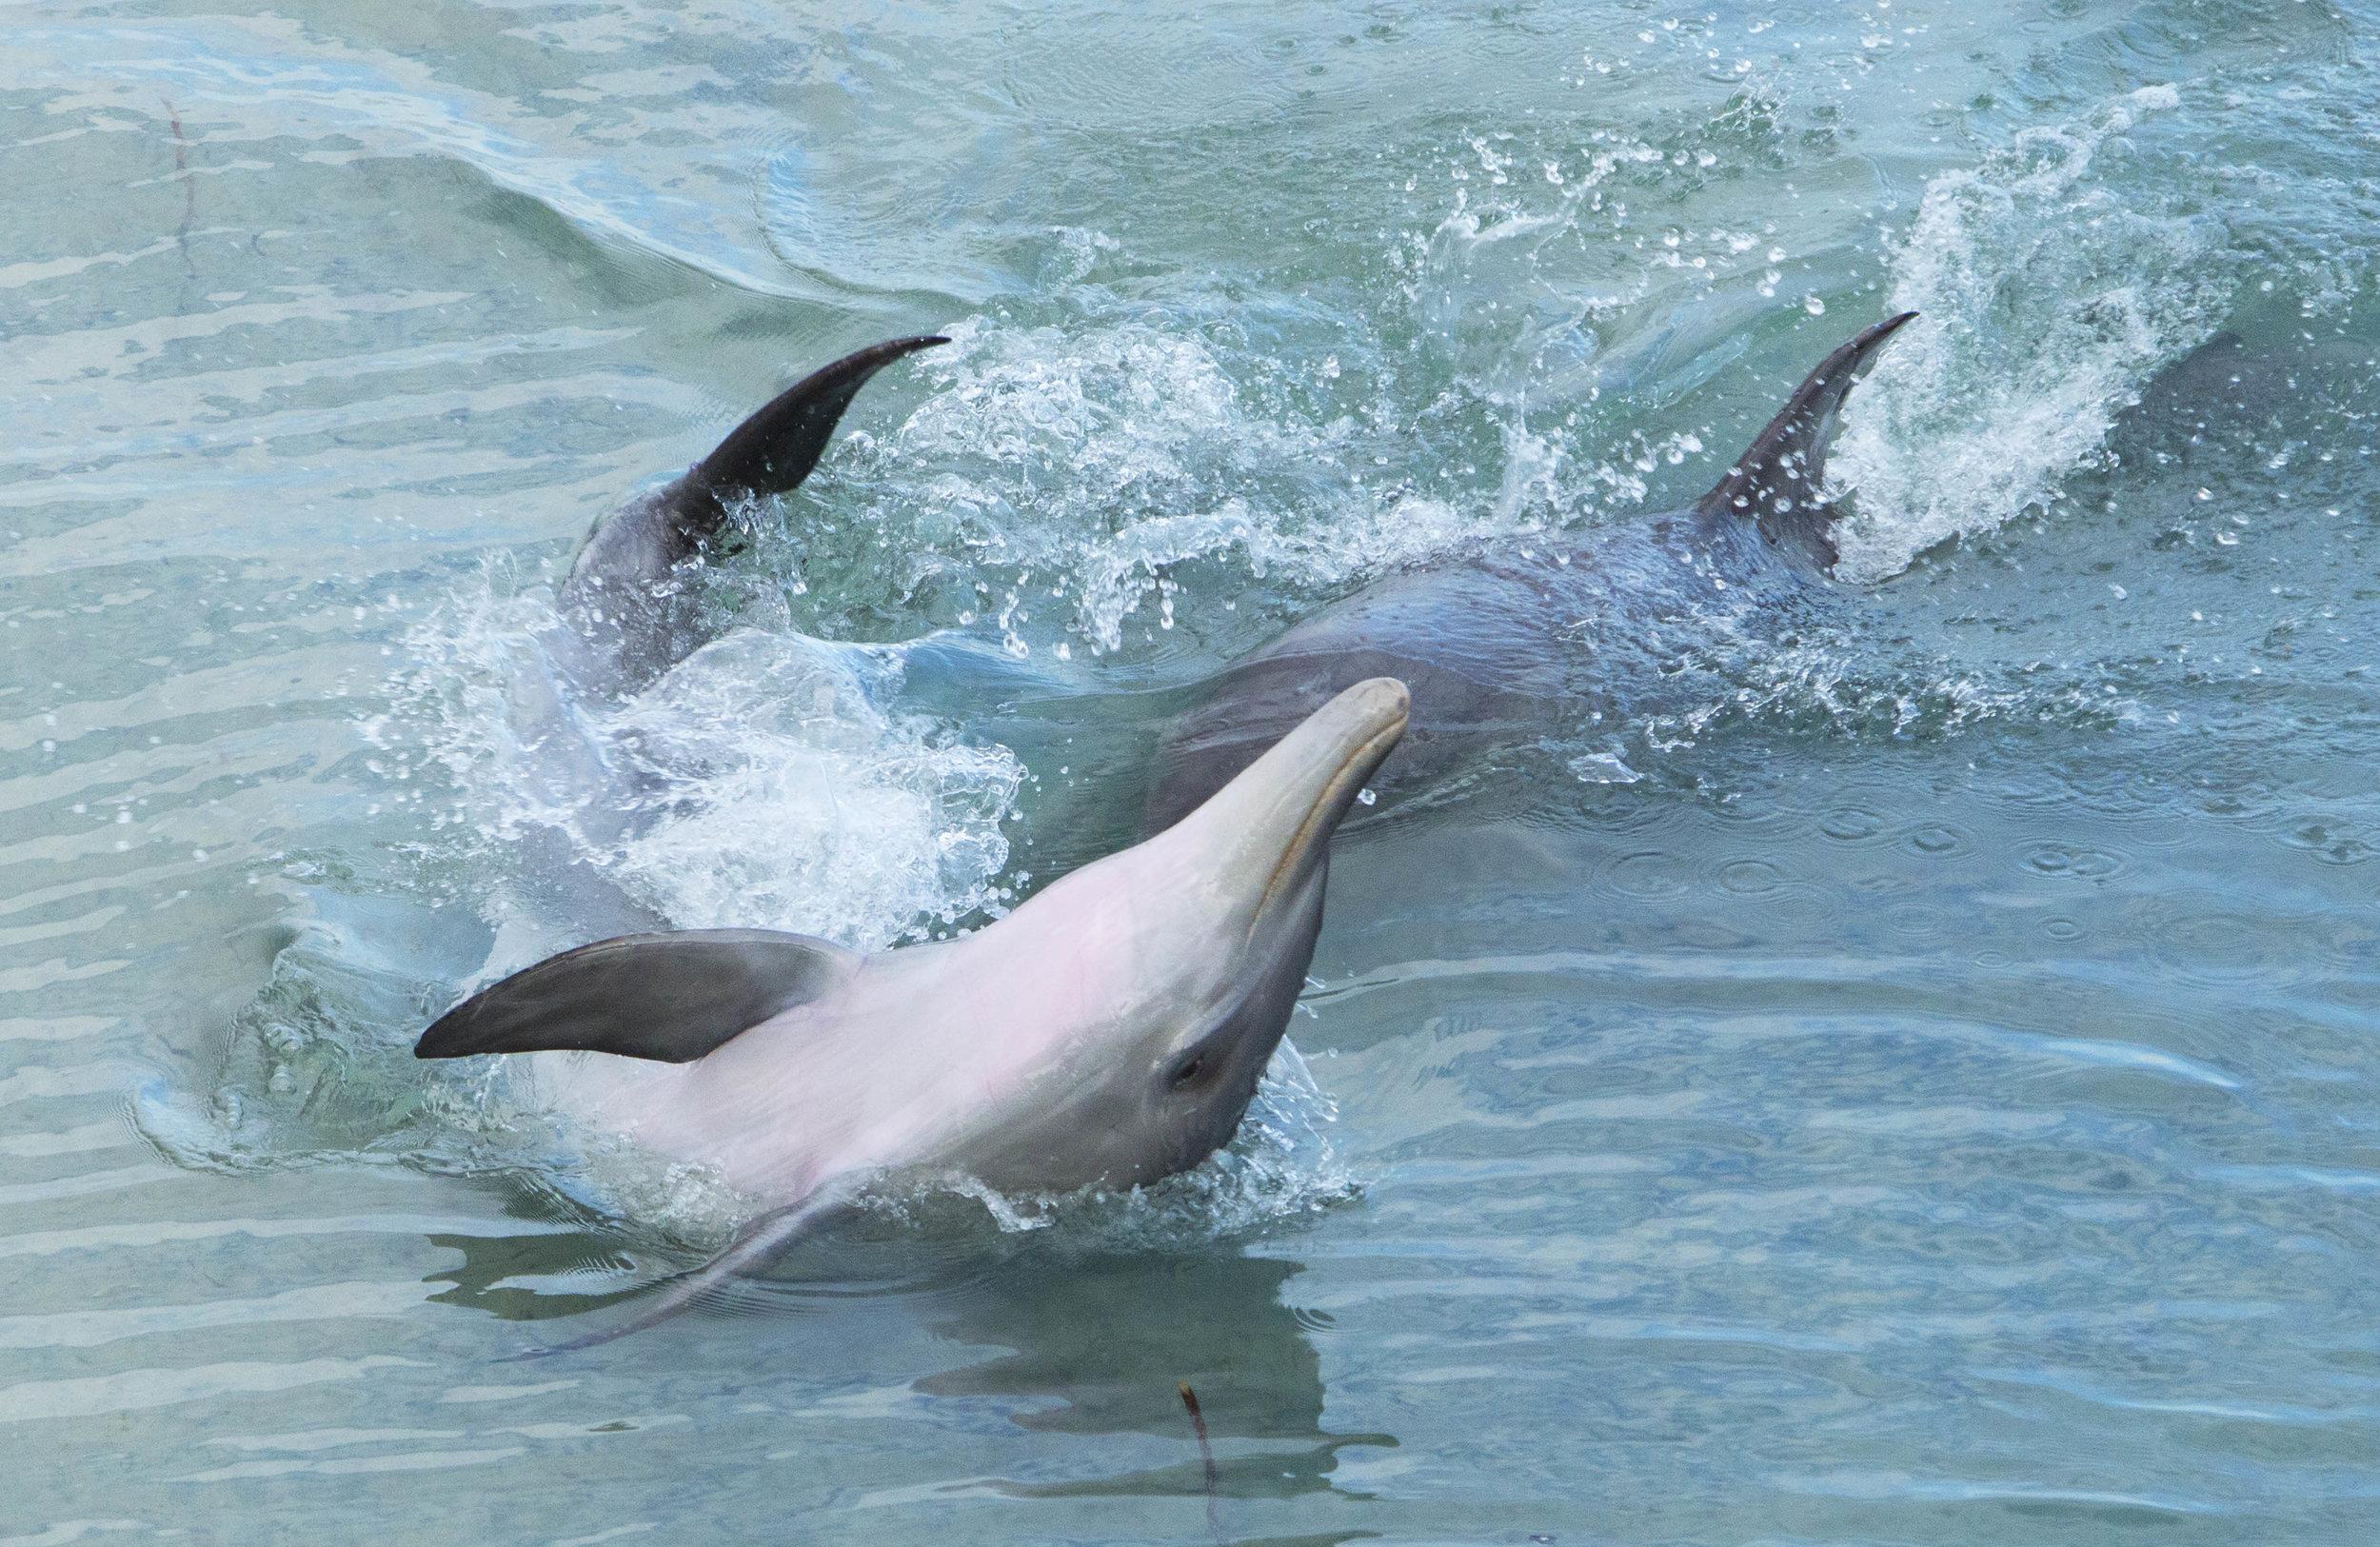 Dolphin Dynasty_3194-298-8-9.amend.jpg